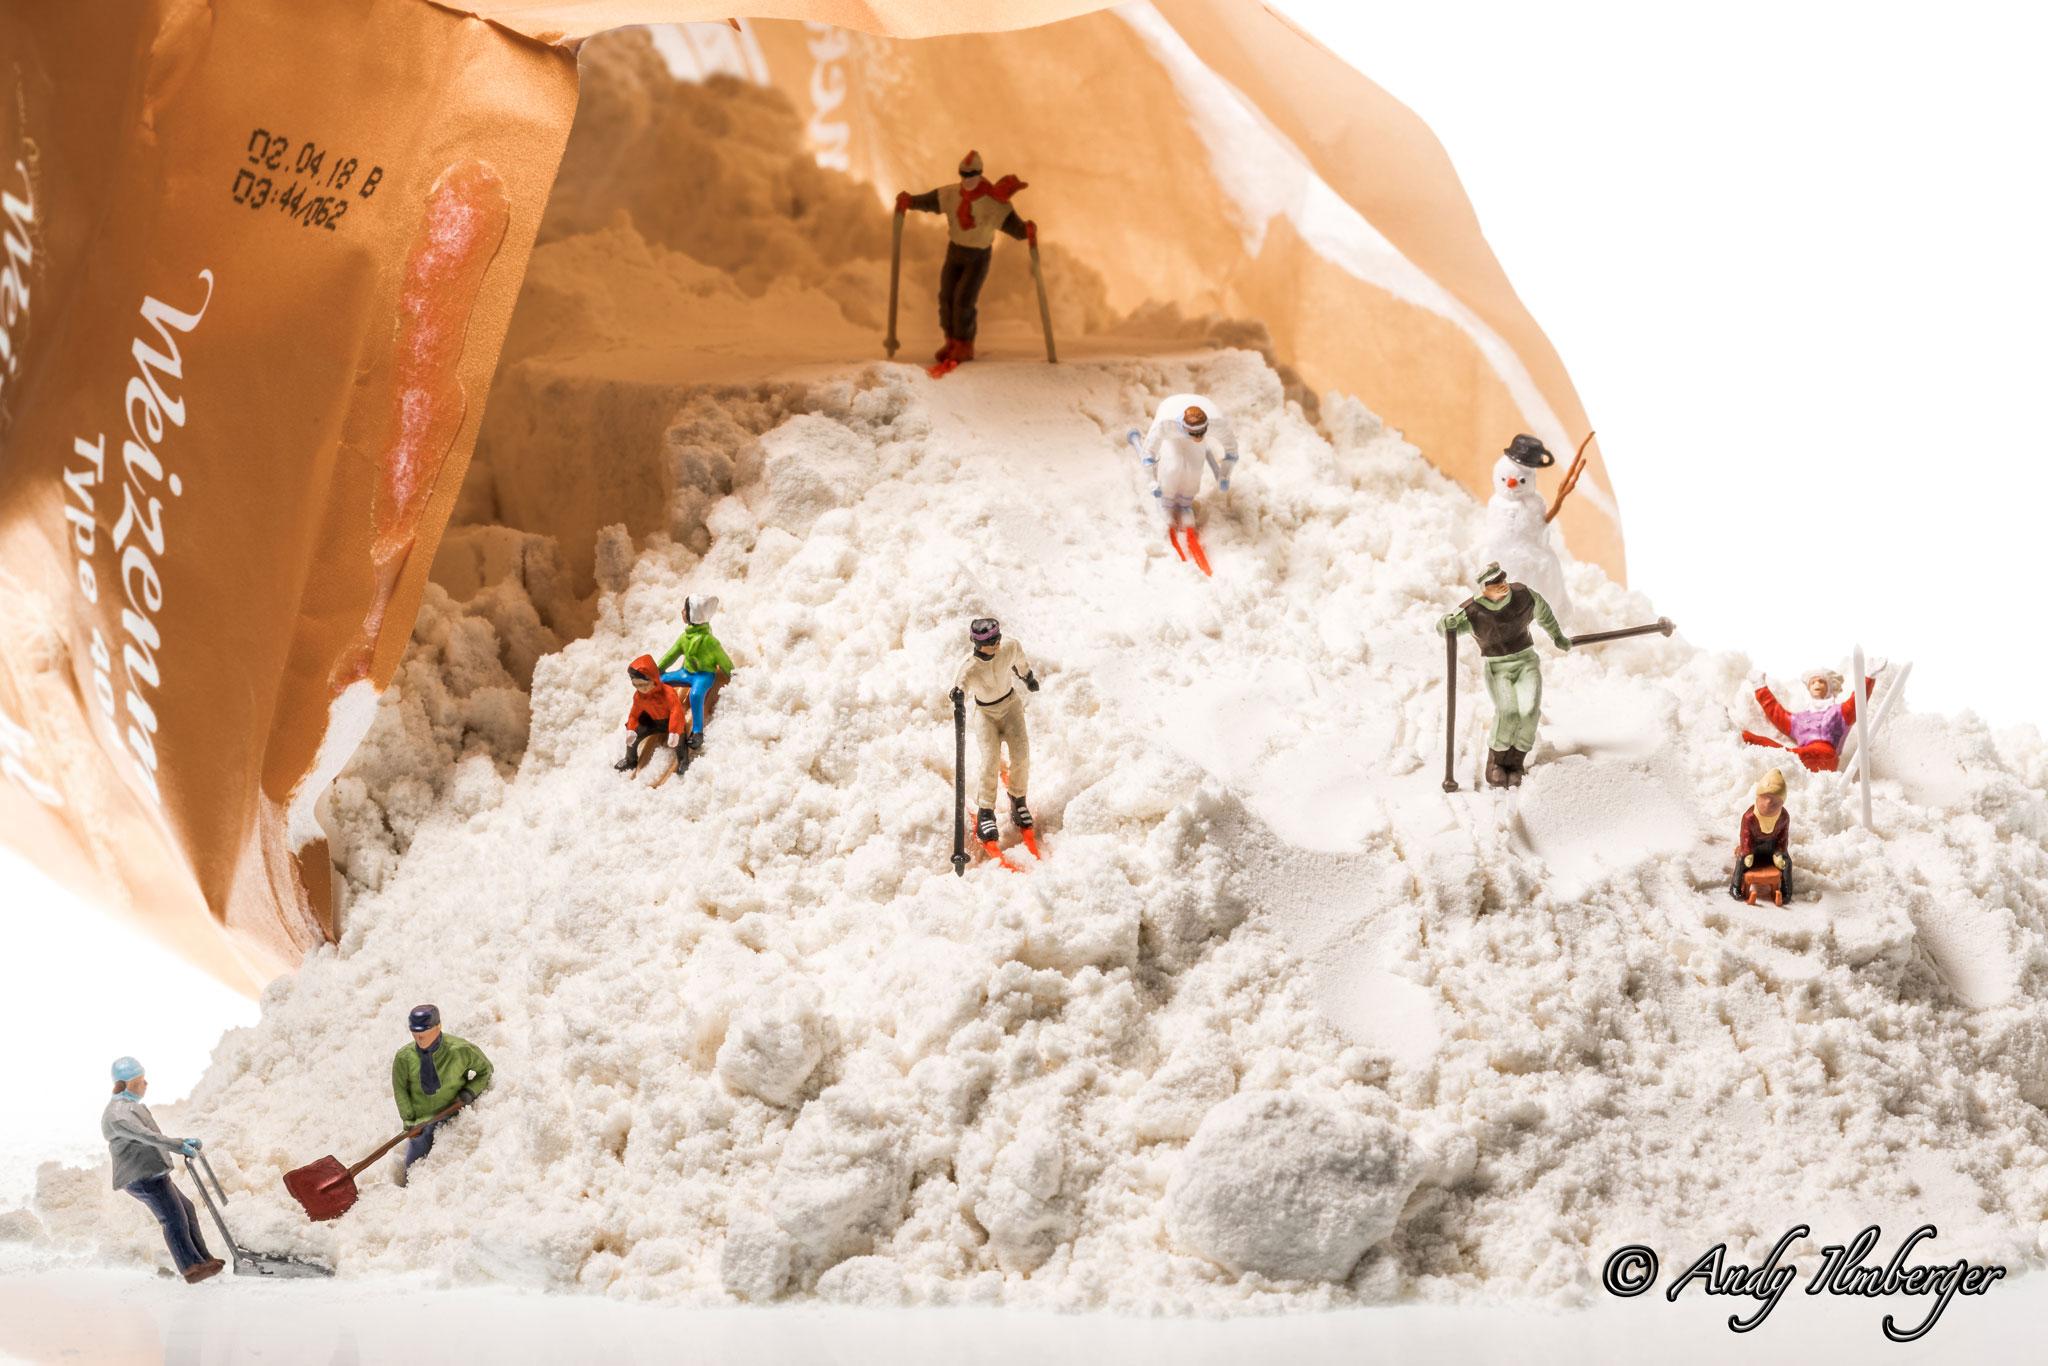 Schifoan in der Mehltüte - H0-Figuren in Szene gesetzt von © Andy Ilmberger im Kleine-Helden.Club